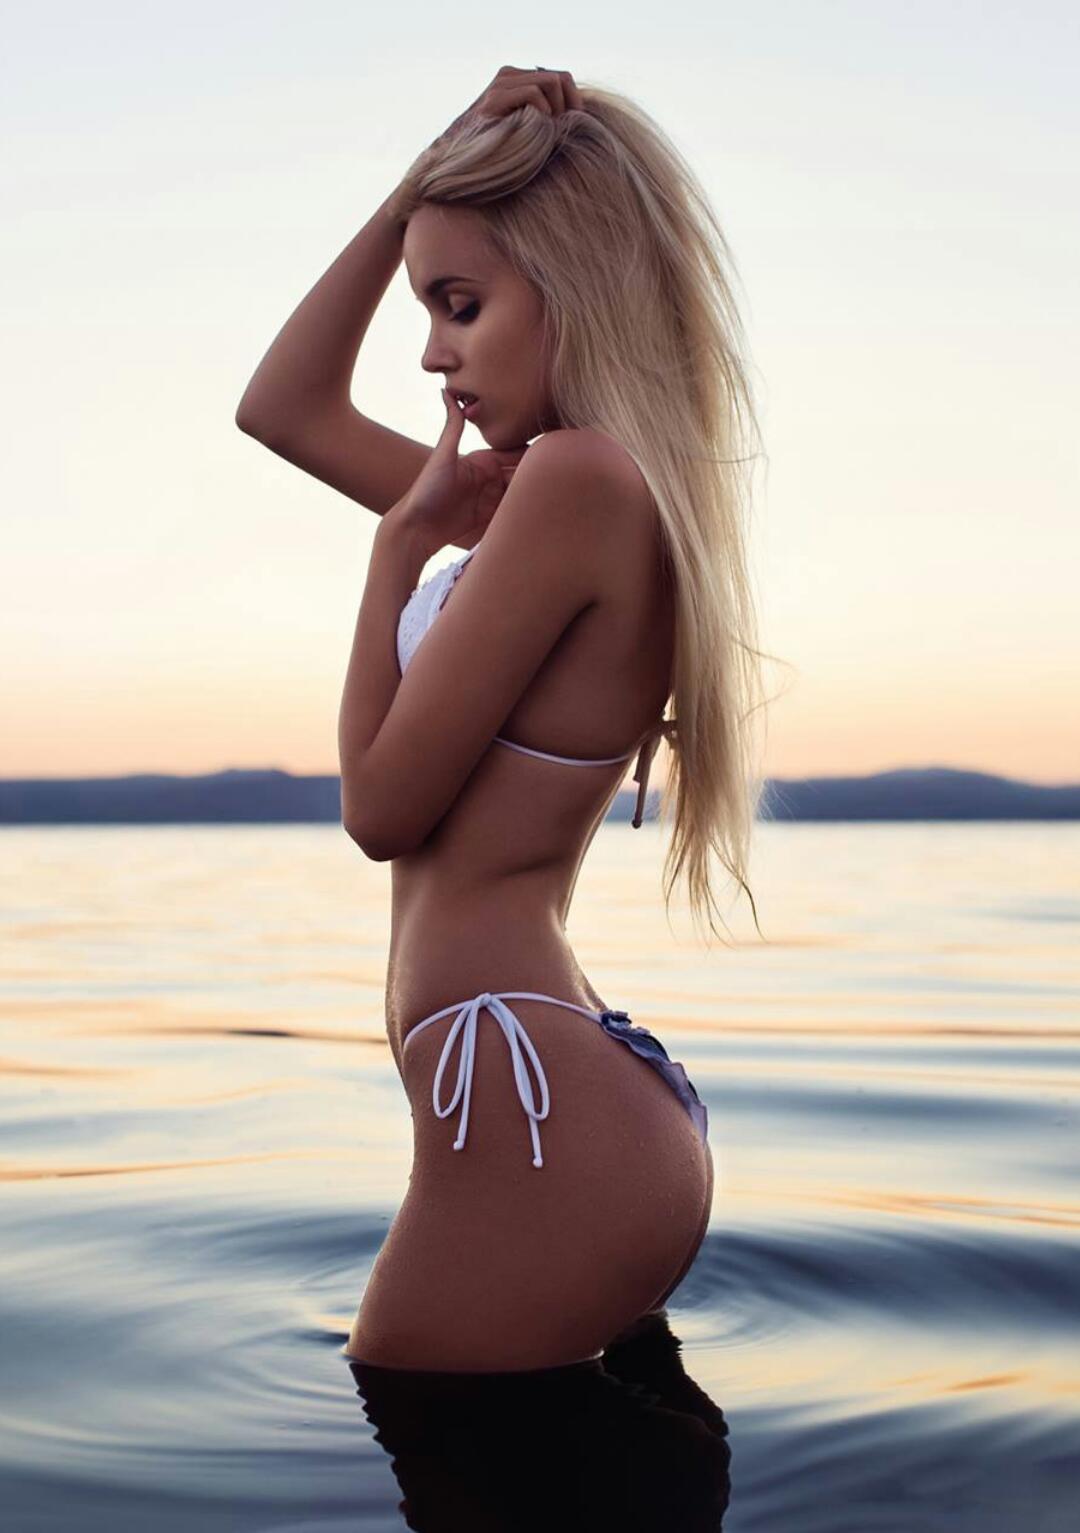 Maria Miri Domark in a bikini